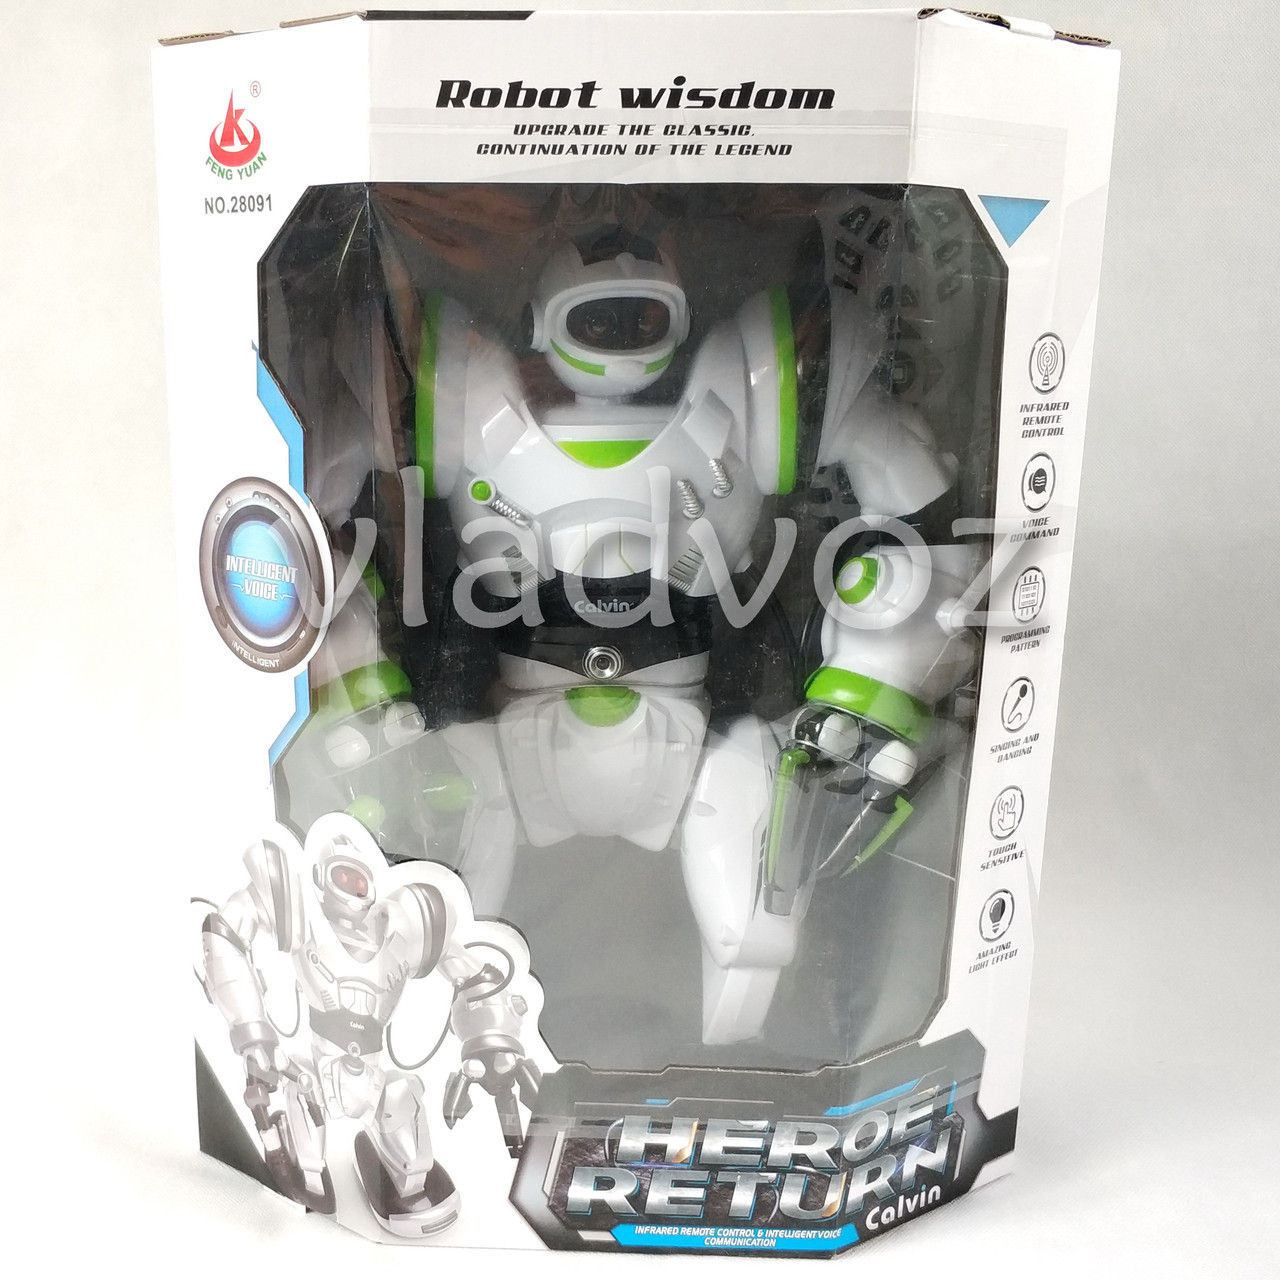 Робот на пульті управління радіокерована іграшка на акумуляторах Robowisdom білий з салатовим - фото 6